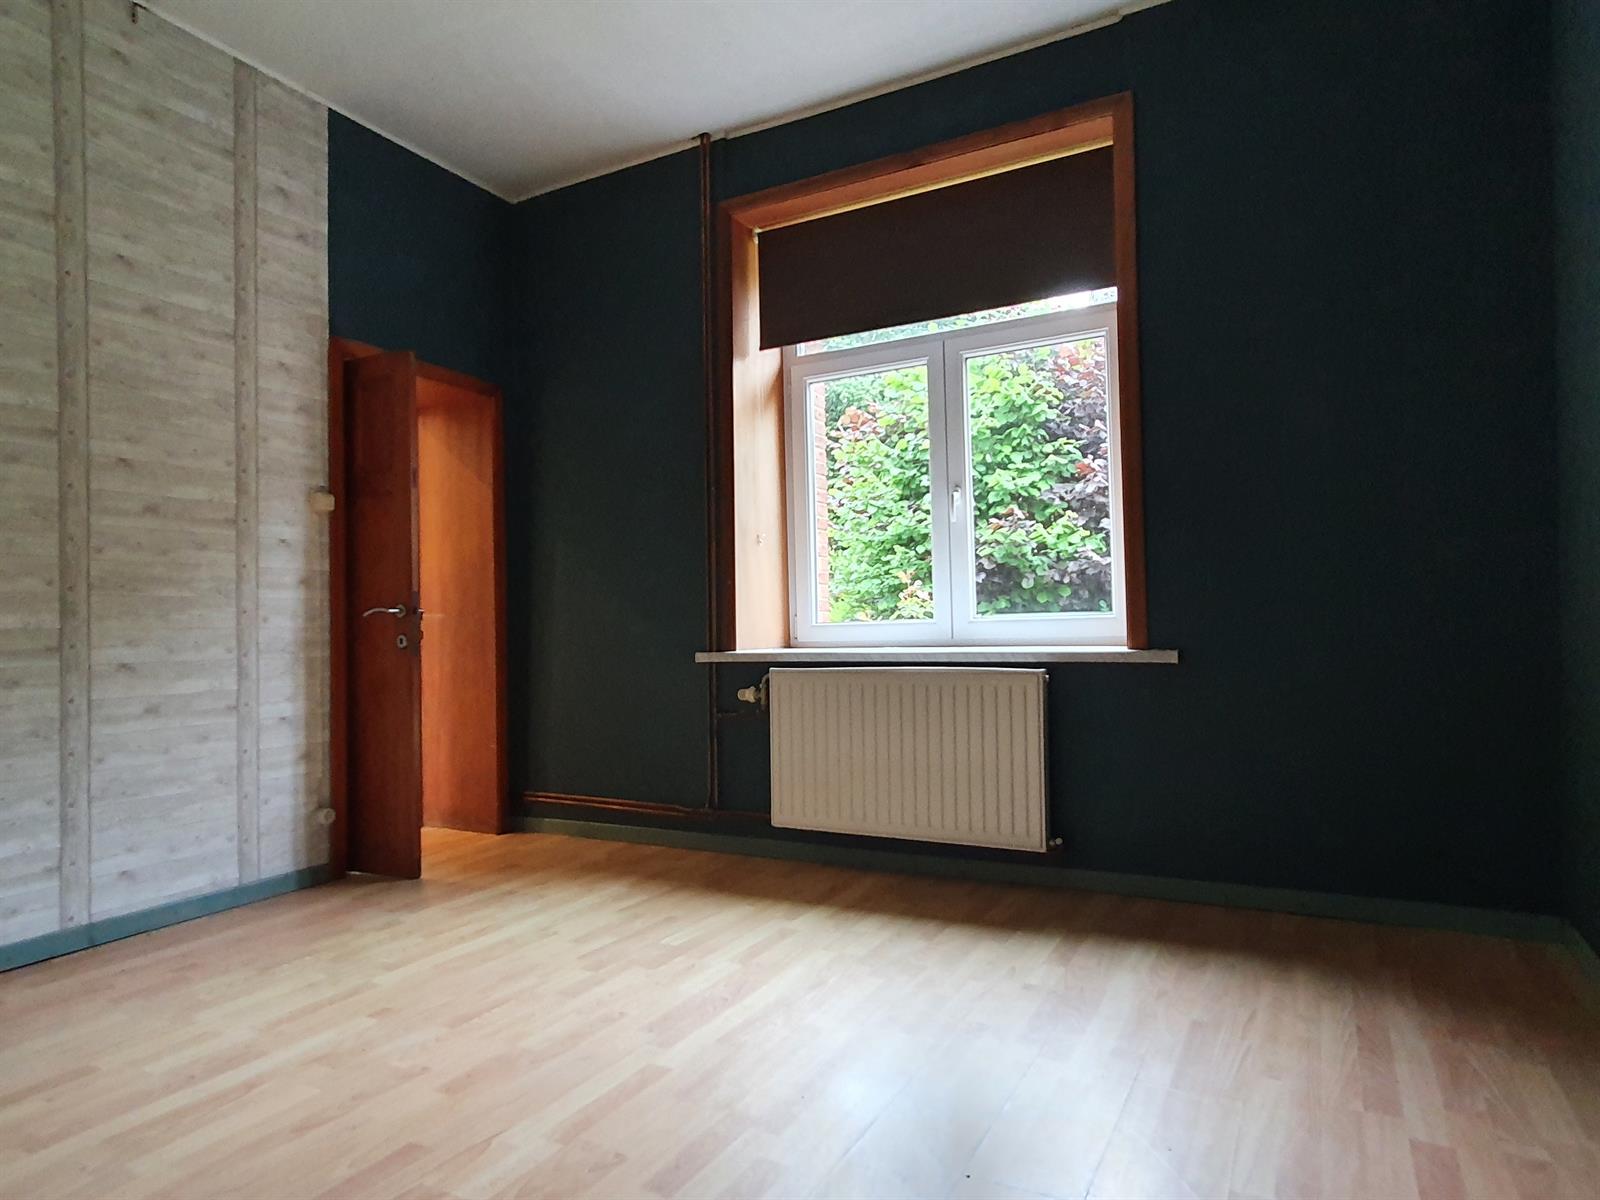 Maison - Jemeppe-sur-Sambre Balâtre - #4363617-16